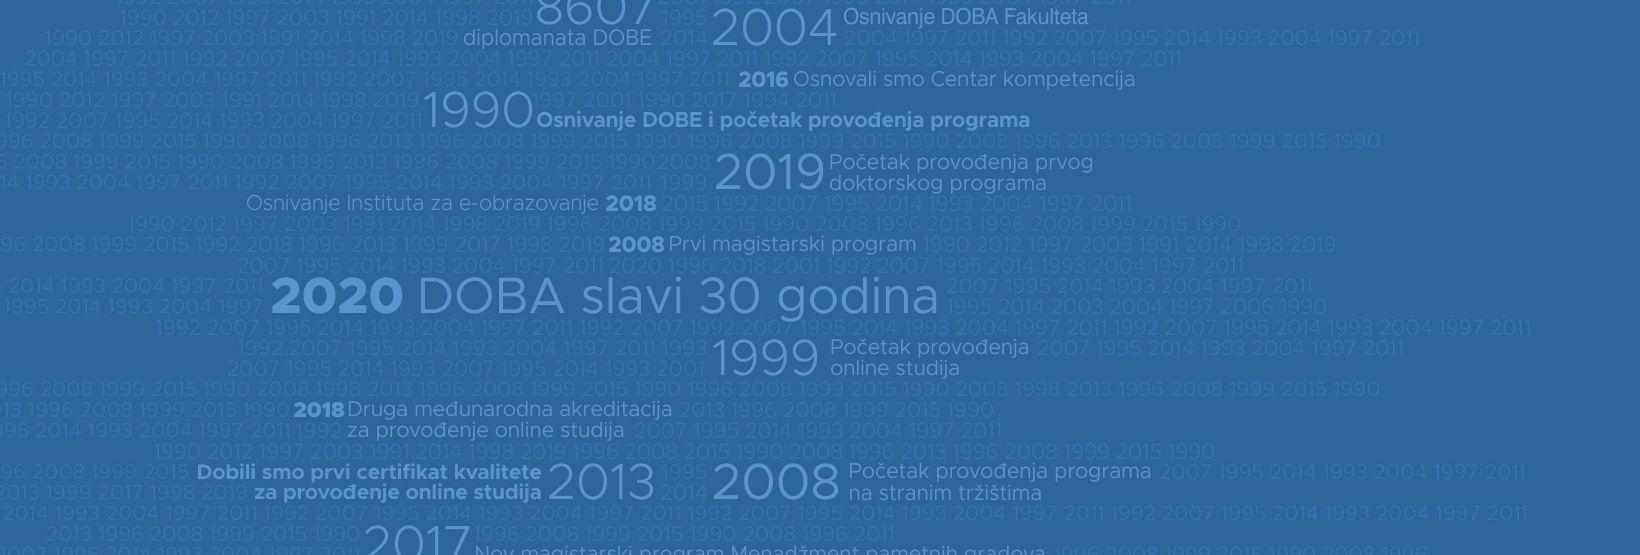 Predsjednik RS Borut Pahor počasni je pokrovitelj događaja povodom 30. obljetnice DOBE